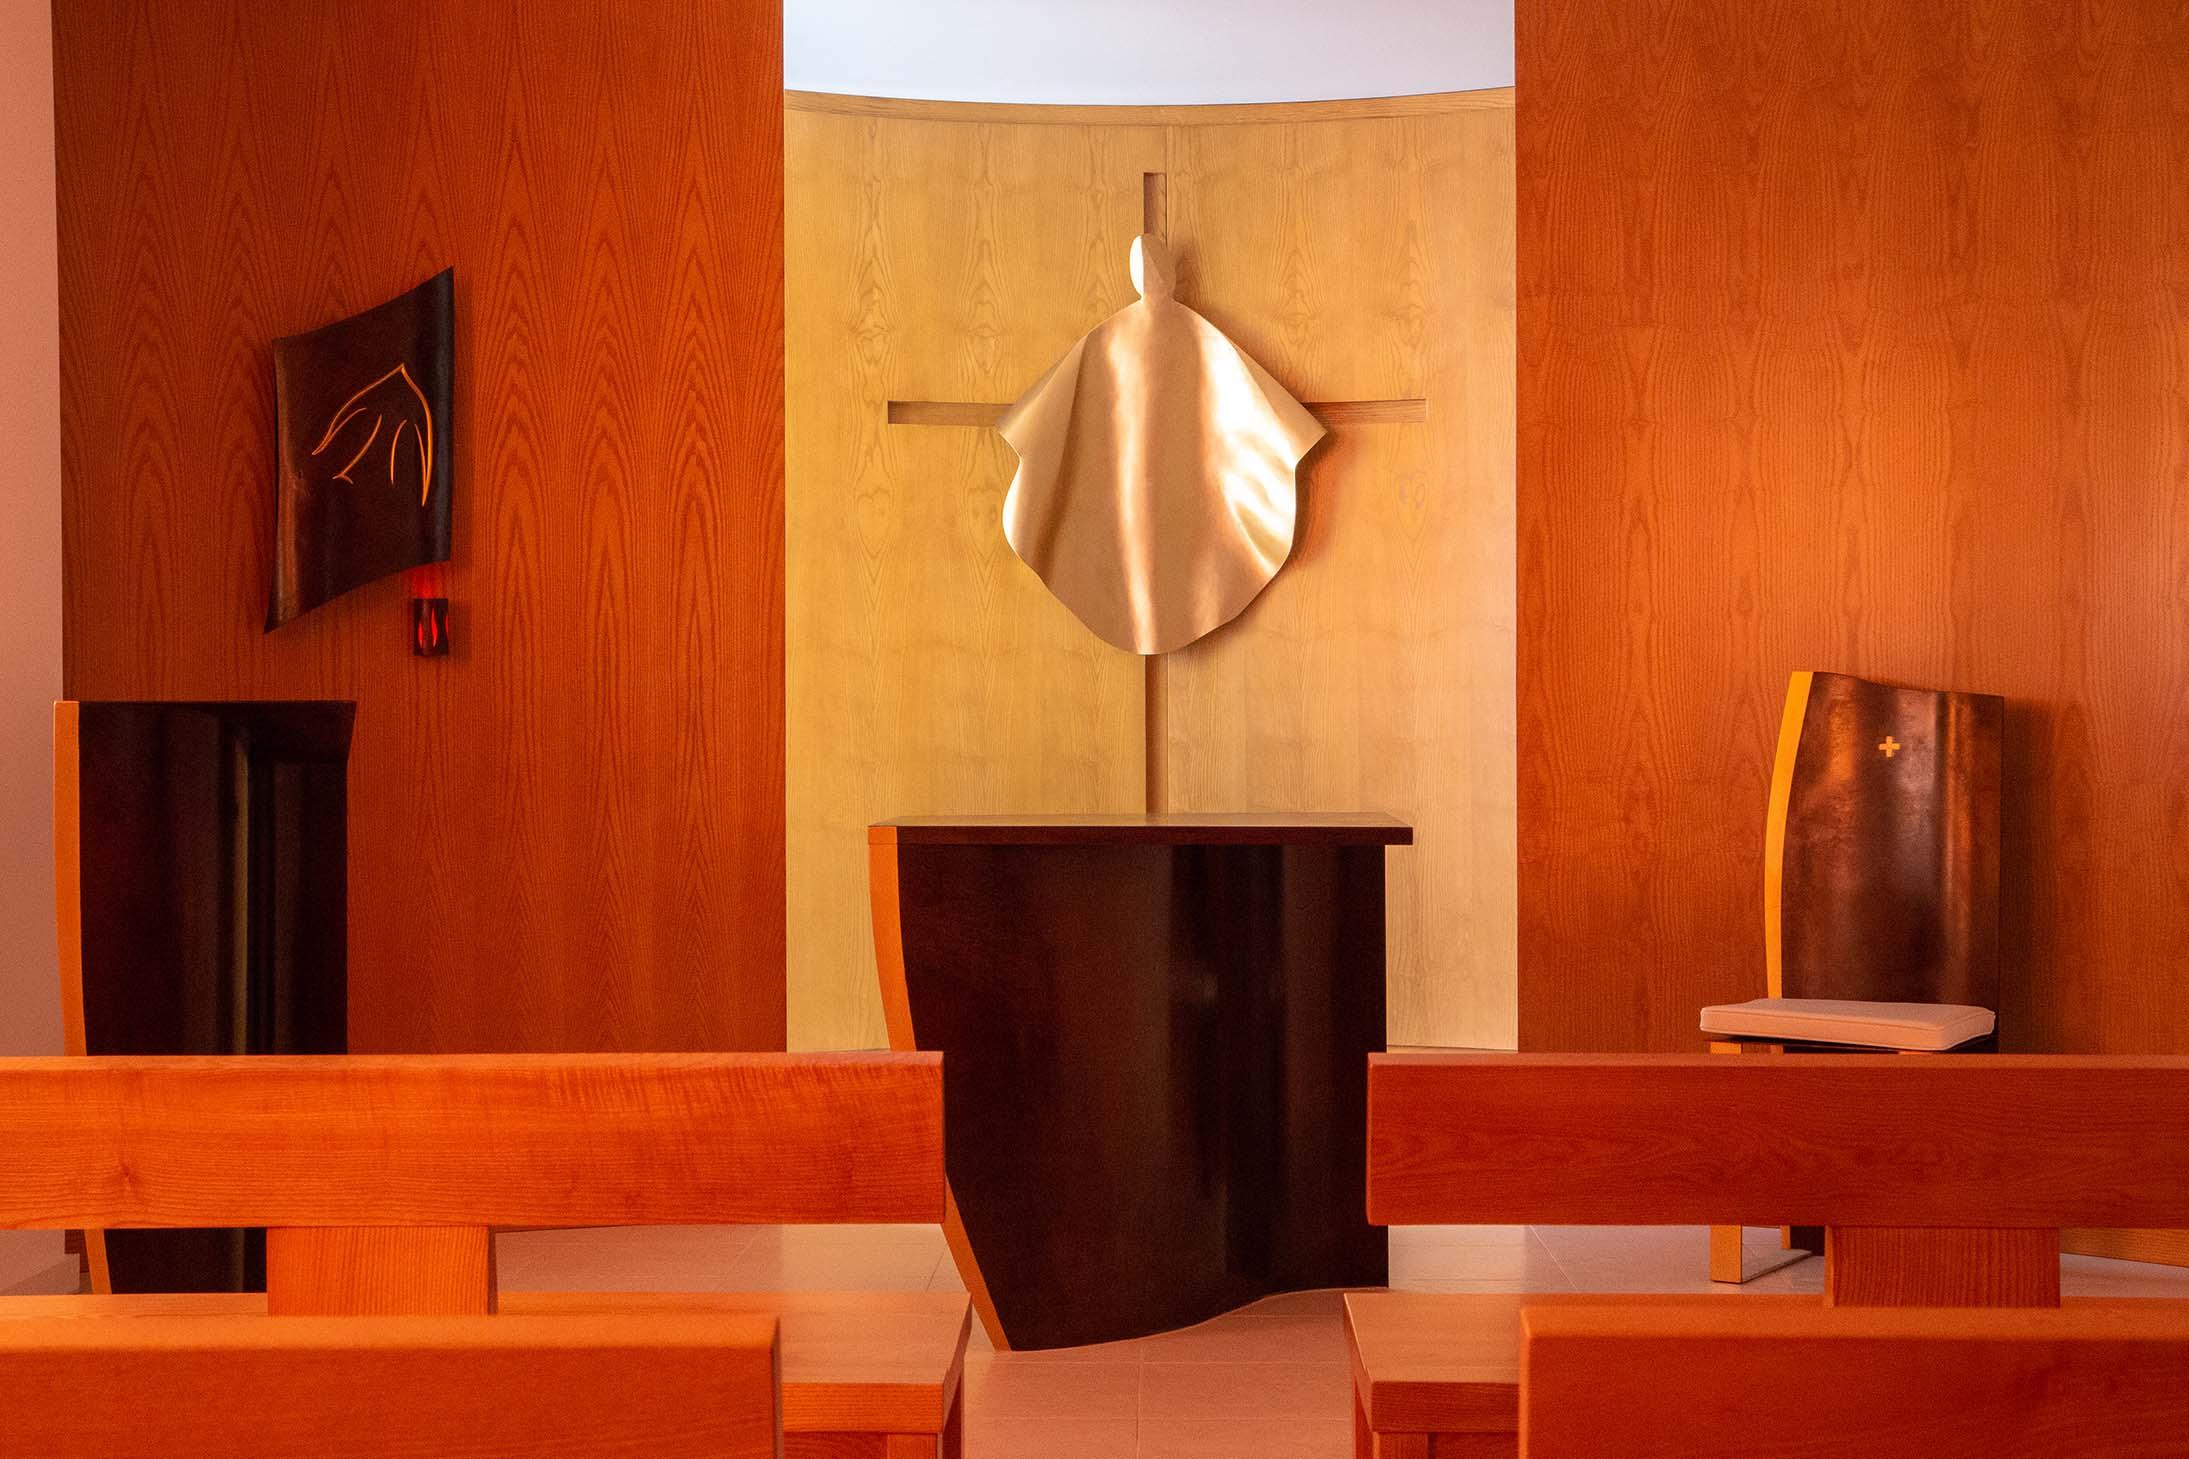 fleur nabert sculpteur oratoire enseignement catholique montrouge chœur autel ambon tabernacle fauteuil ensemble de présidence christ croix bronze